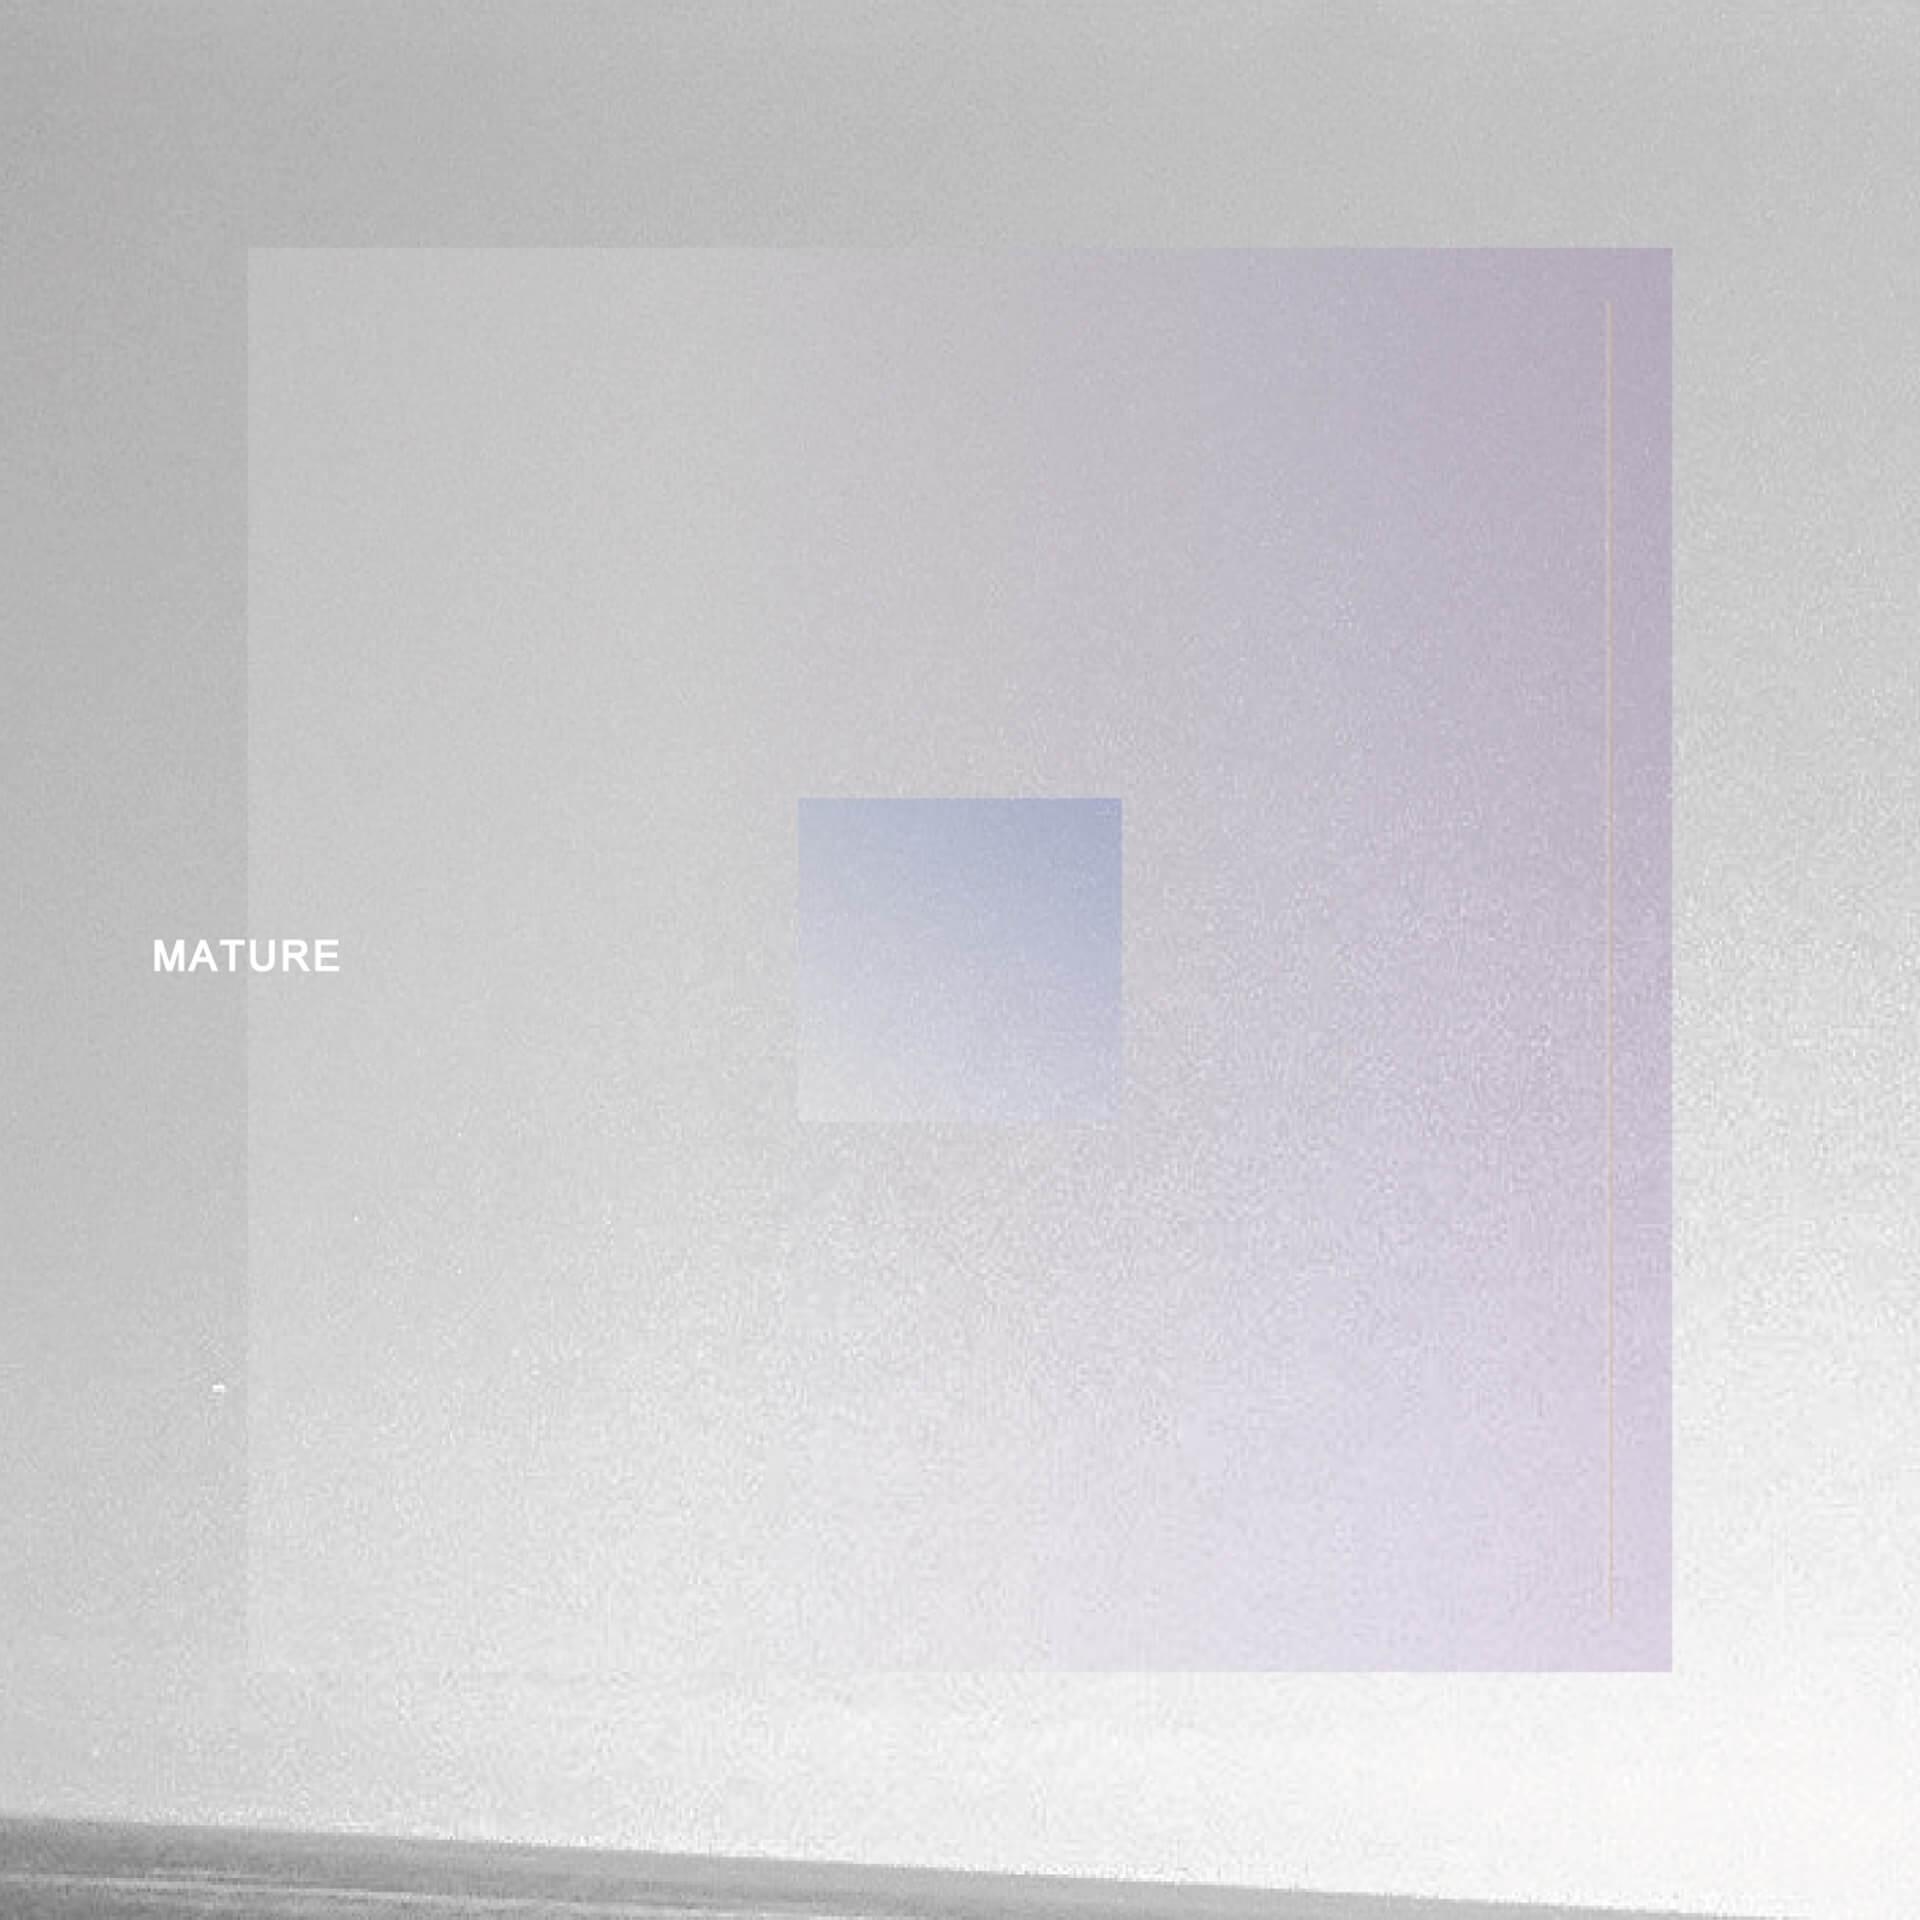 """FKDがSweet William作品参加のANPYOと共作したニューシングル""""MATURE""""をリリース! music200422_fkd_anoyo_01-1"""